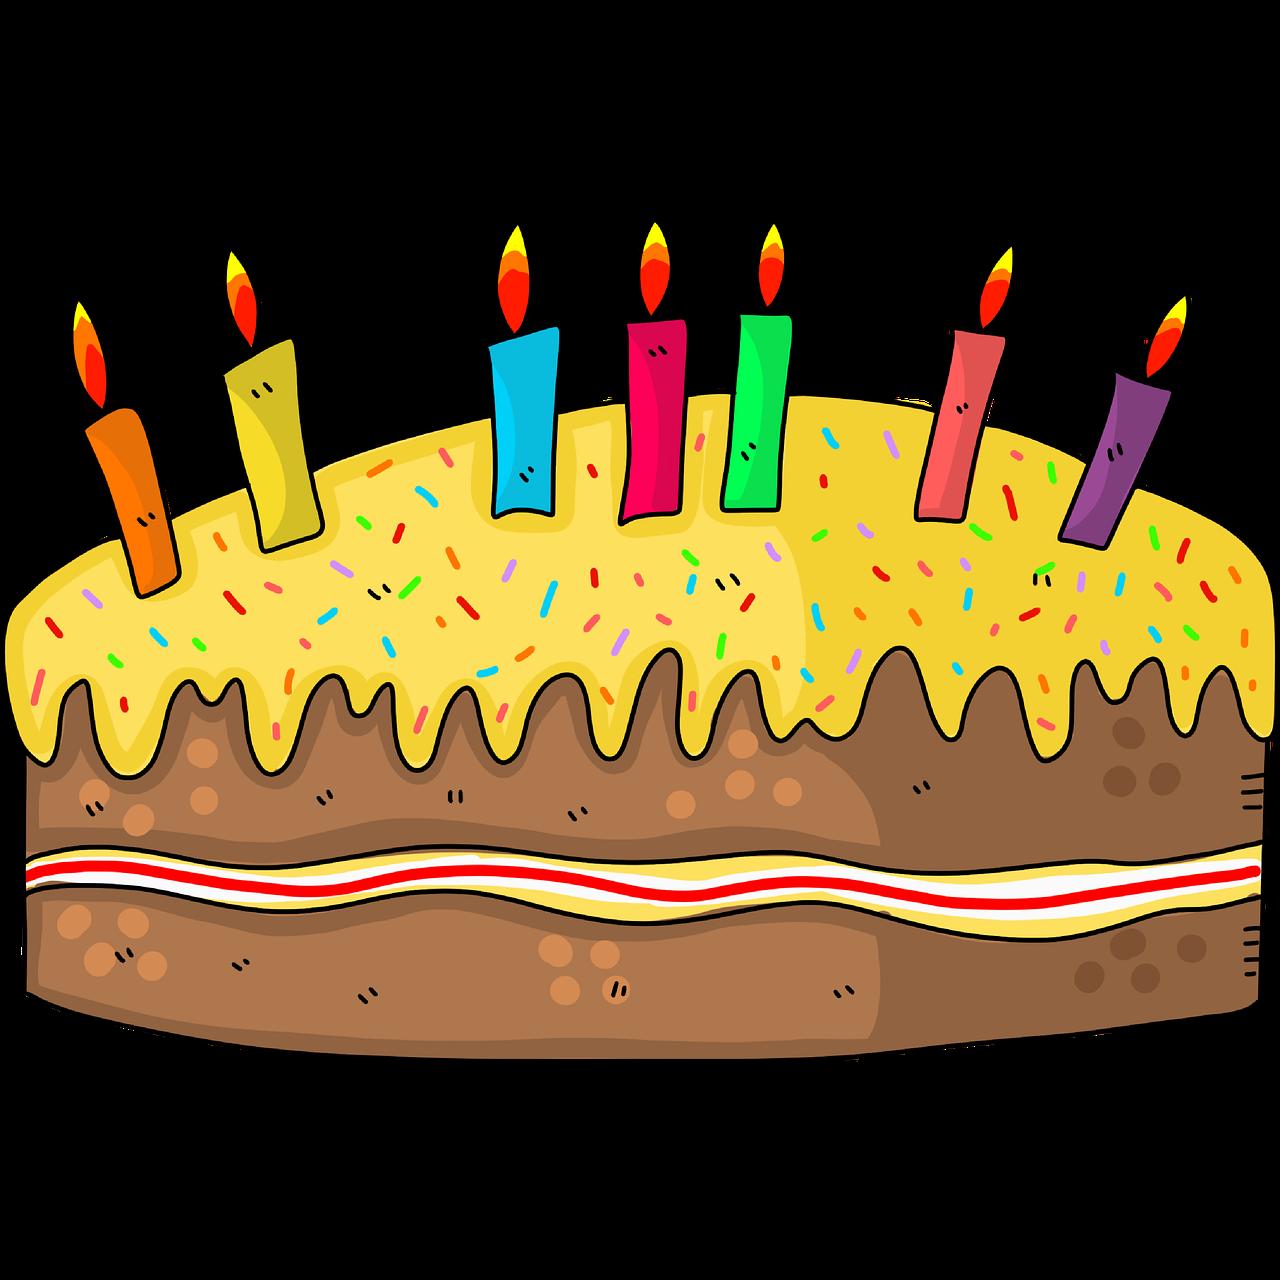 Fødselsdag Kake Bursdagskake 7 - Gratis bilde på Pixabay